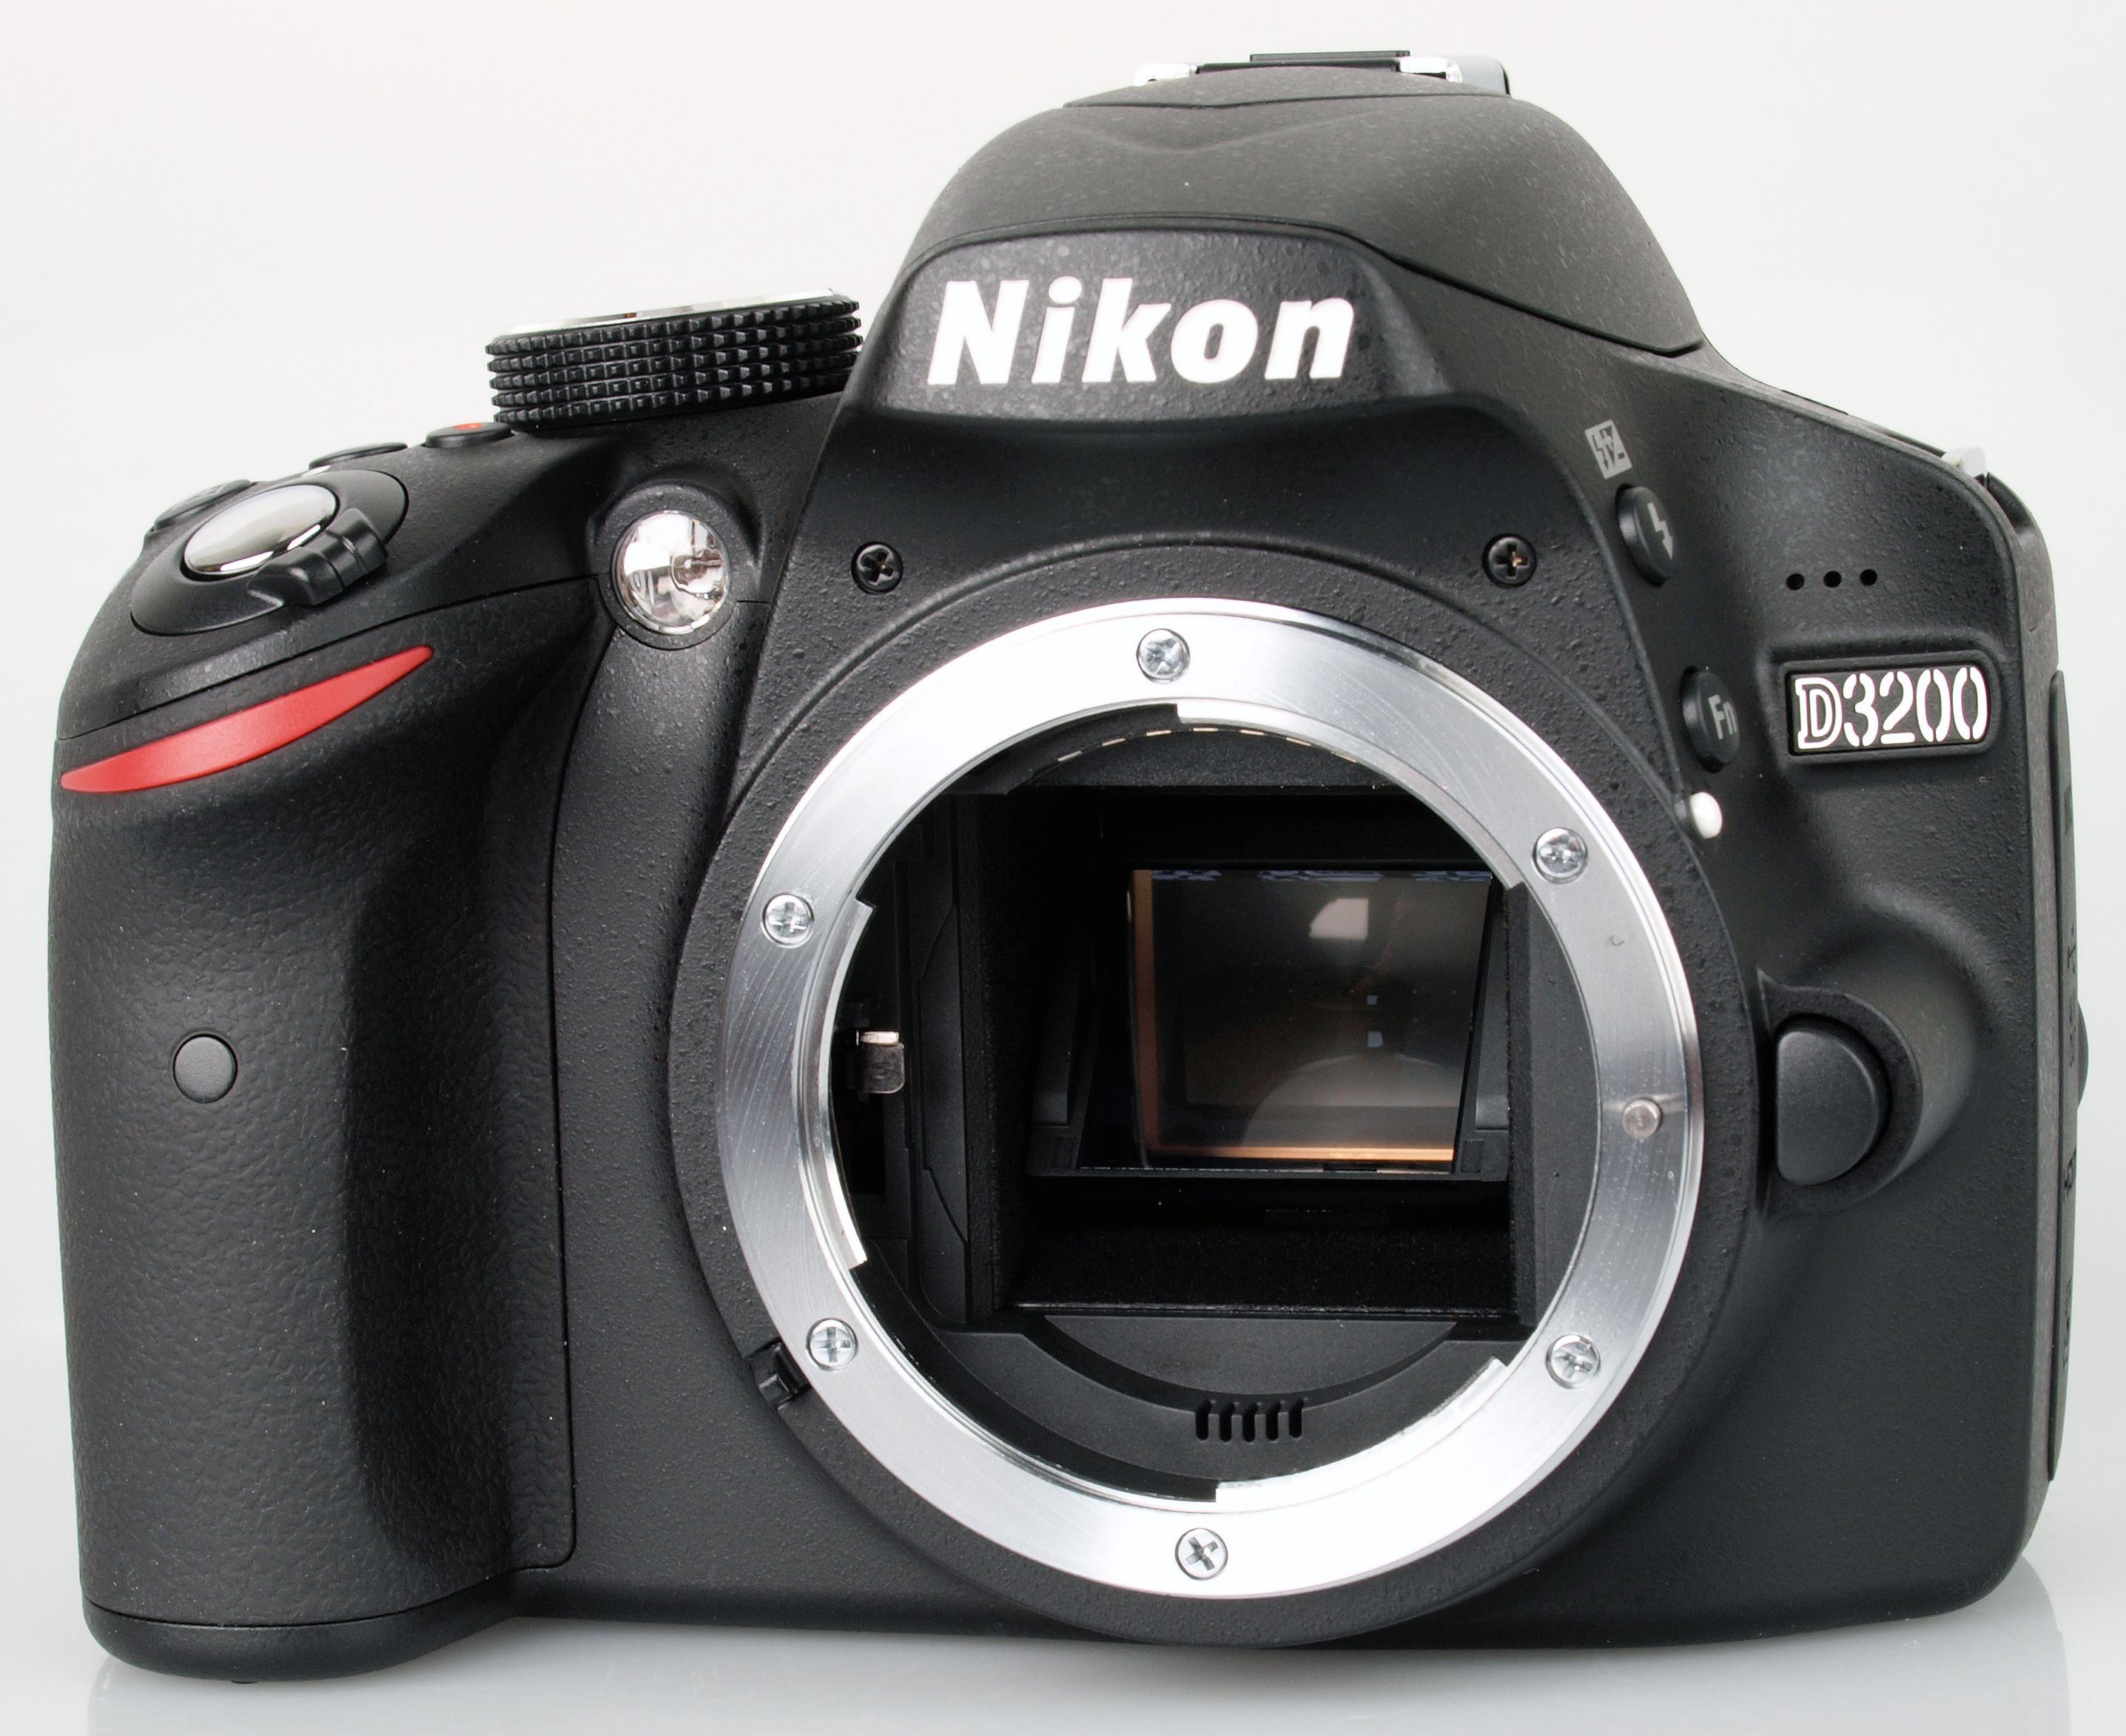 Nikon D3200 DSLR Review